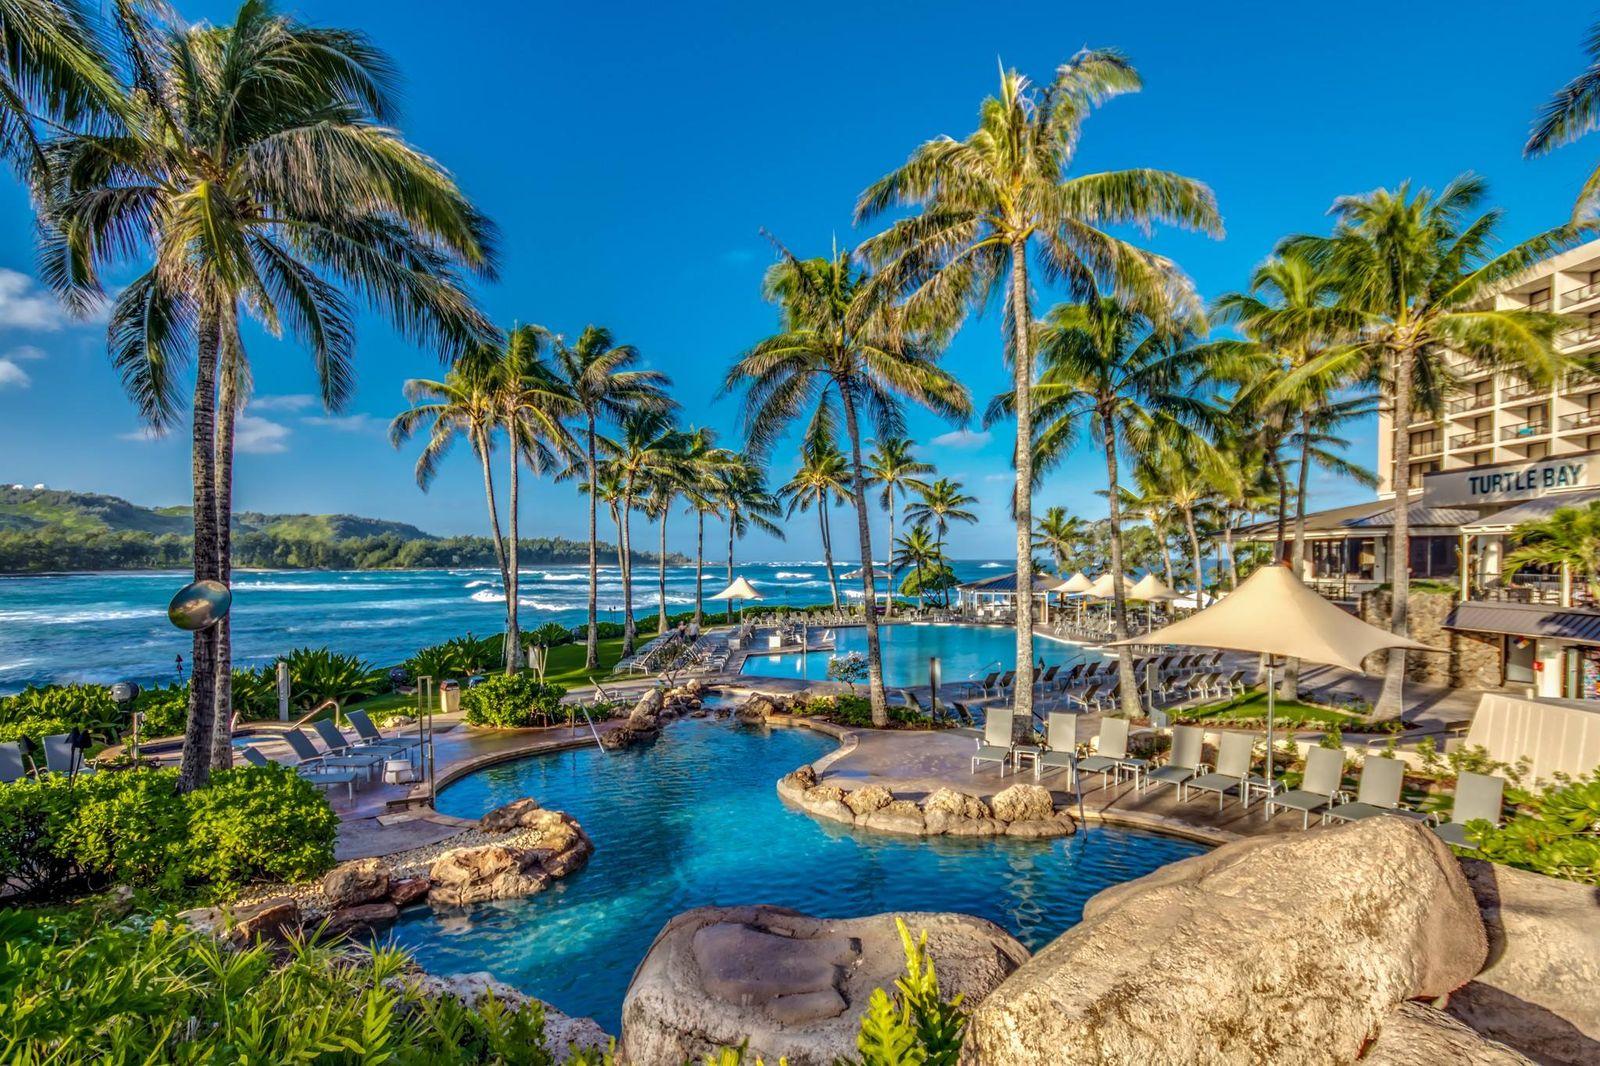 """リゾート内のプールで泳いだり、ビーチでサーフィンやSUP、カヤックに挑戦するなど、""""海""""のアクティビティを楽しむのもいいですが、せっかくなので沢山の選択肢がある""""陸""""のアクティビティも体験したいところ。"""